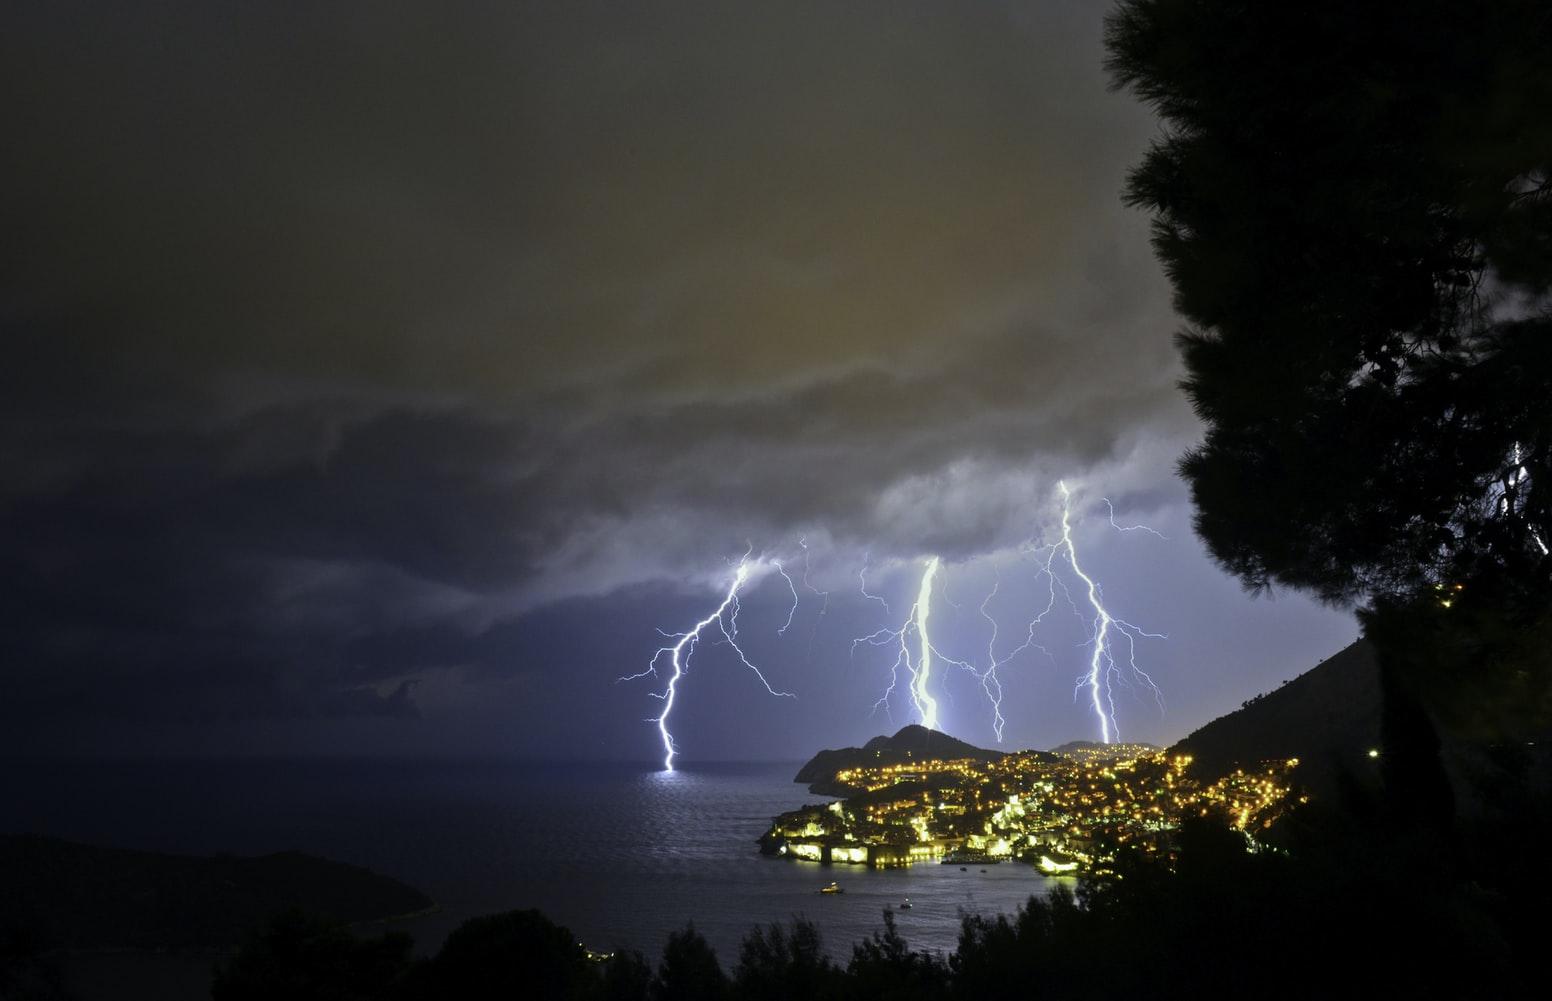 Mưa, lụt gây ảnh hưởng nghiêm trọng đến thiết bị điện